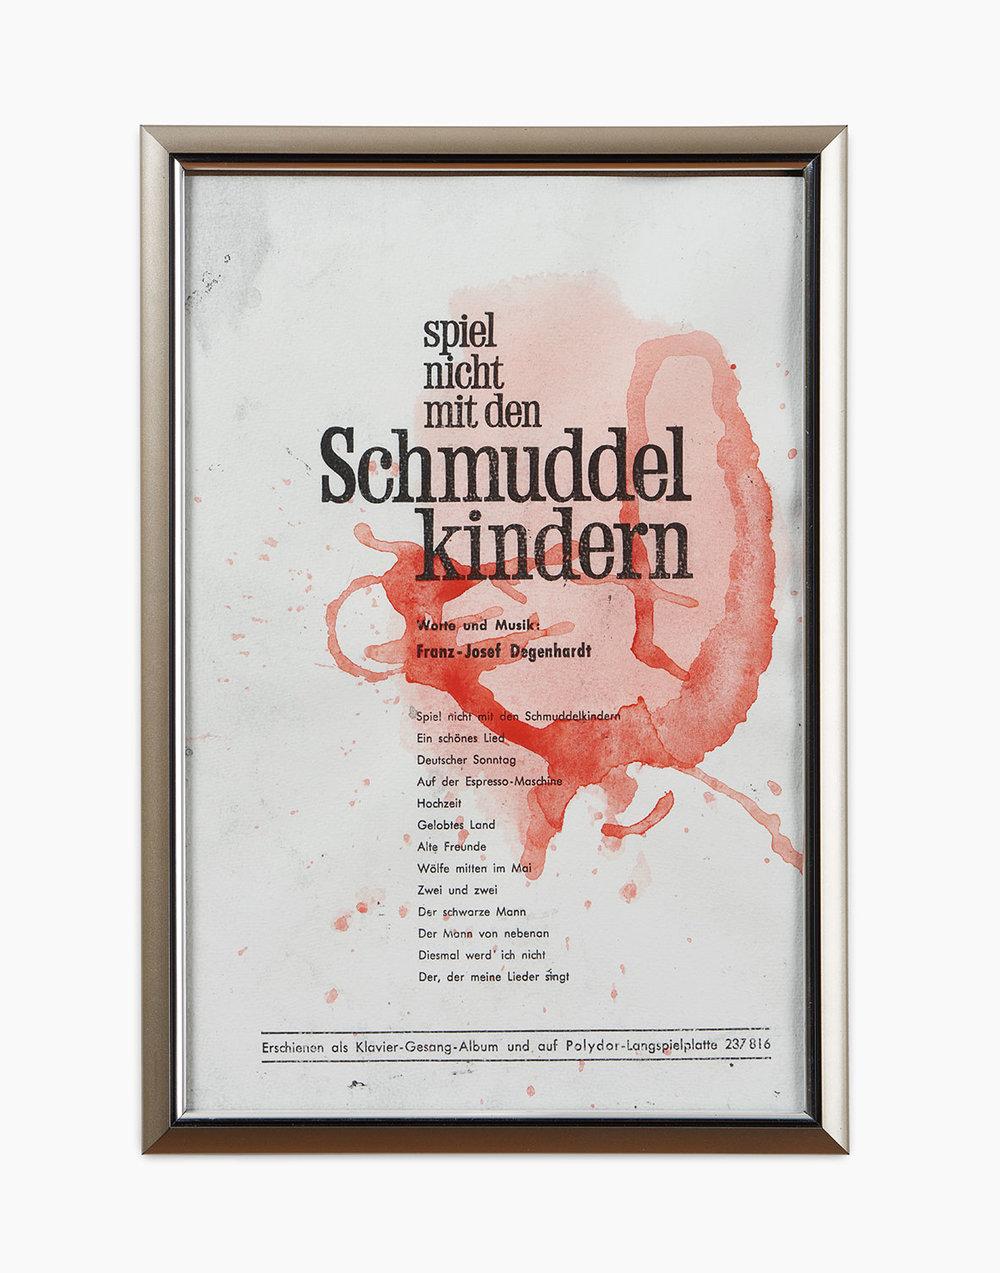 Tilo Riedel Spiel nicht mit den Schmuddelkindern 2016  Aquarell auf Laserprint 29 x 20 cm